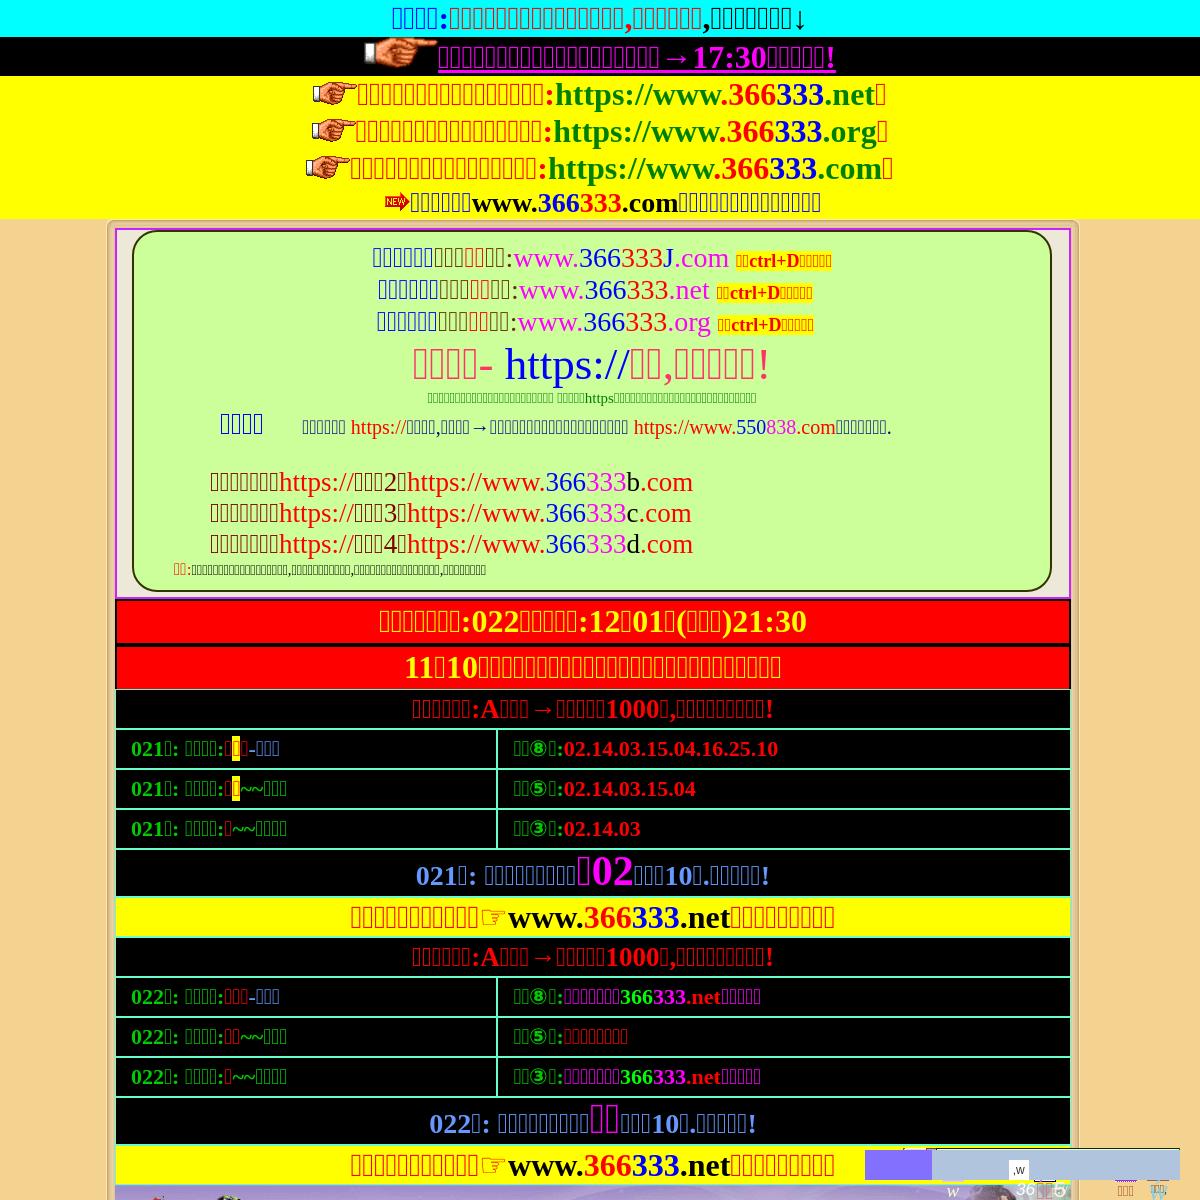 曾道人论坛,www.803377.com,王中王最快开奖现场,277cc生财有道黑白图库,hkpic论坛,ydh3.com,www.711800.com